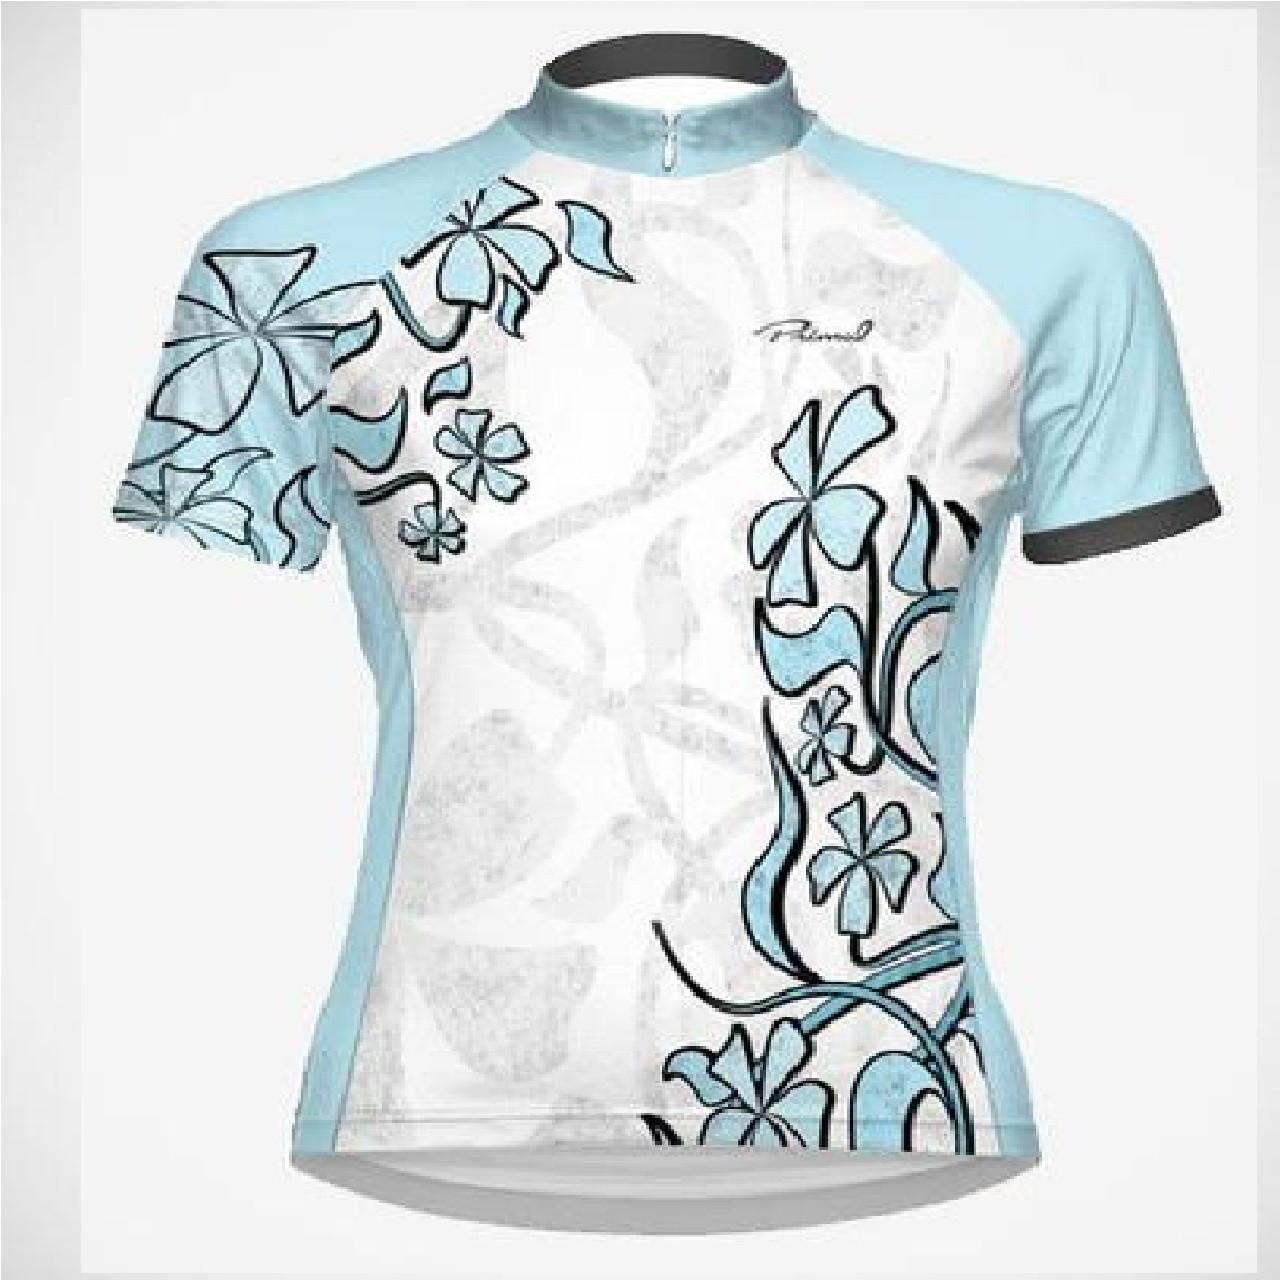 01f67445b015 BoyerCycling Primal Wear Petal Women's Sport Cut Jersey 3/4 Zip Cycling  Jersey Xtra small 74.99